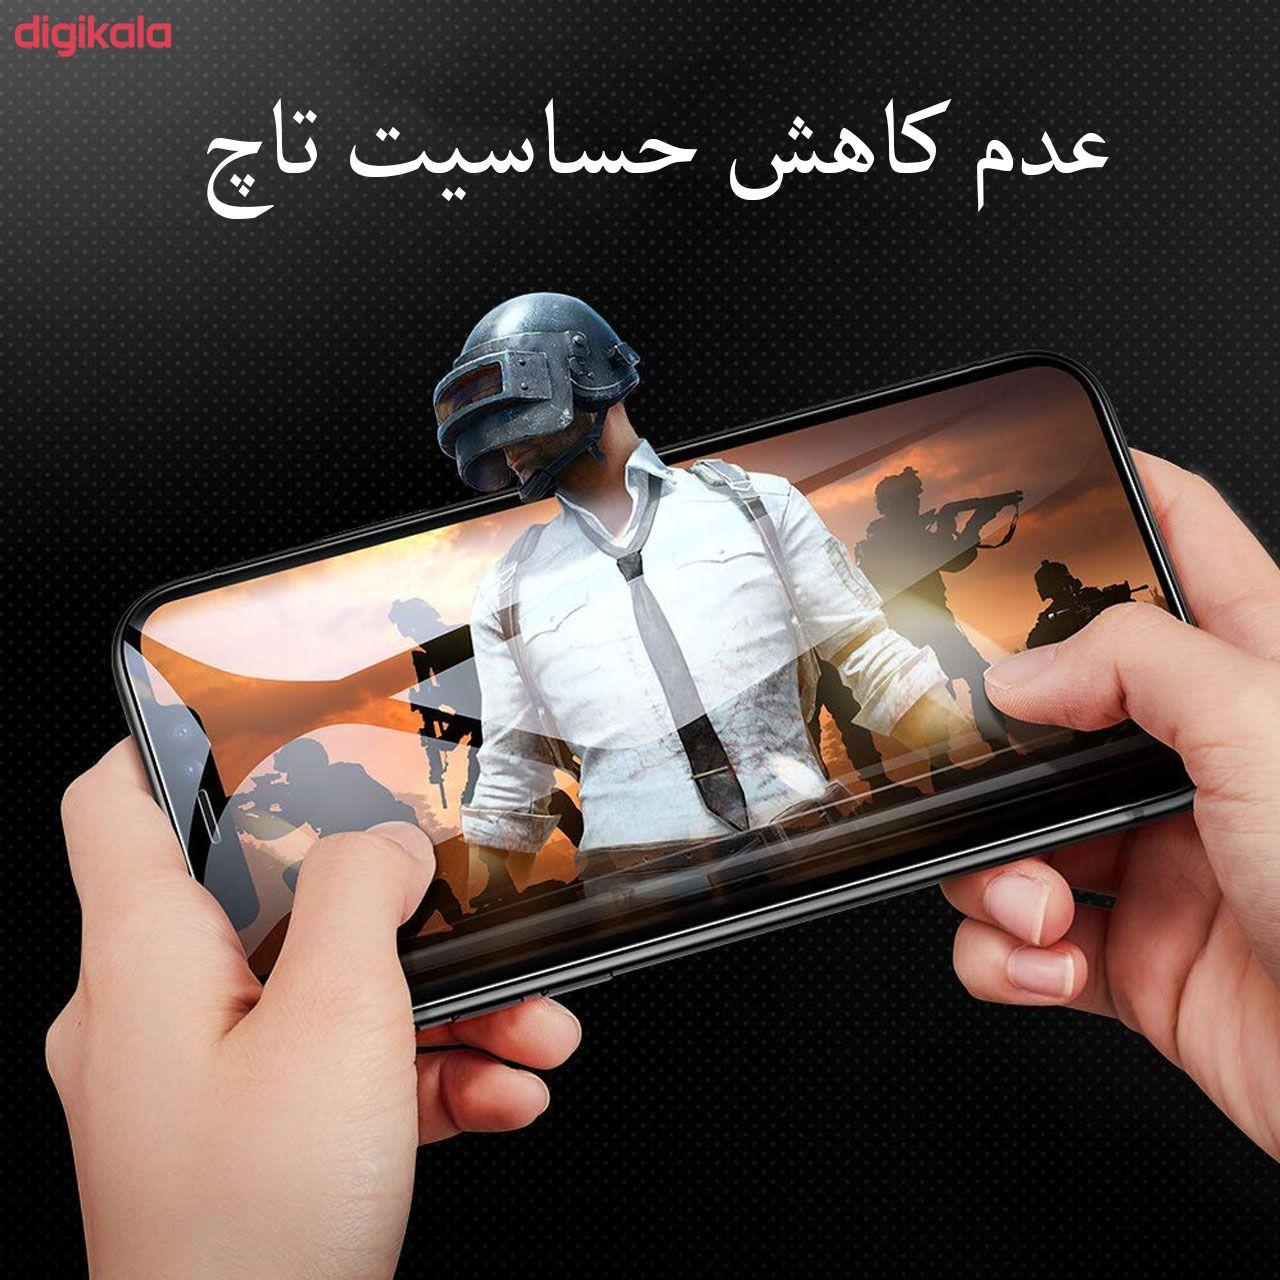 محافظ صفحه نمایش مدل FCG مناسب برای گوشی موبایل اپل iPhone X main 1 1